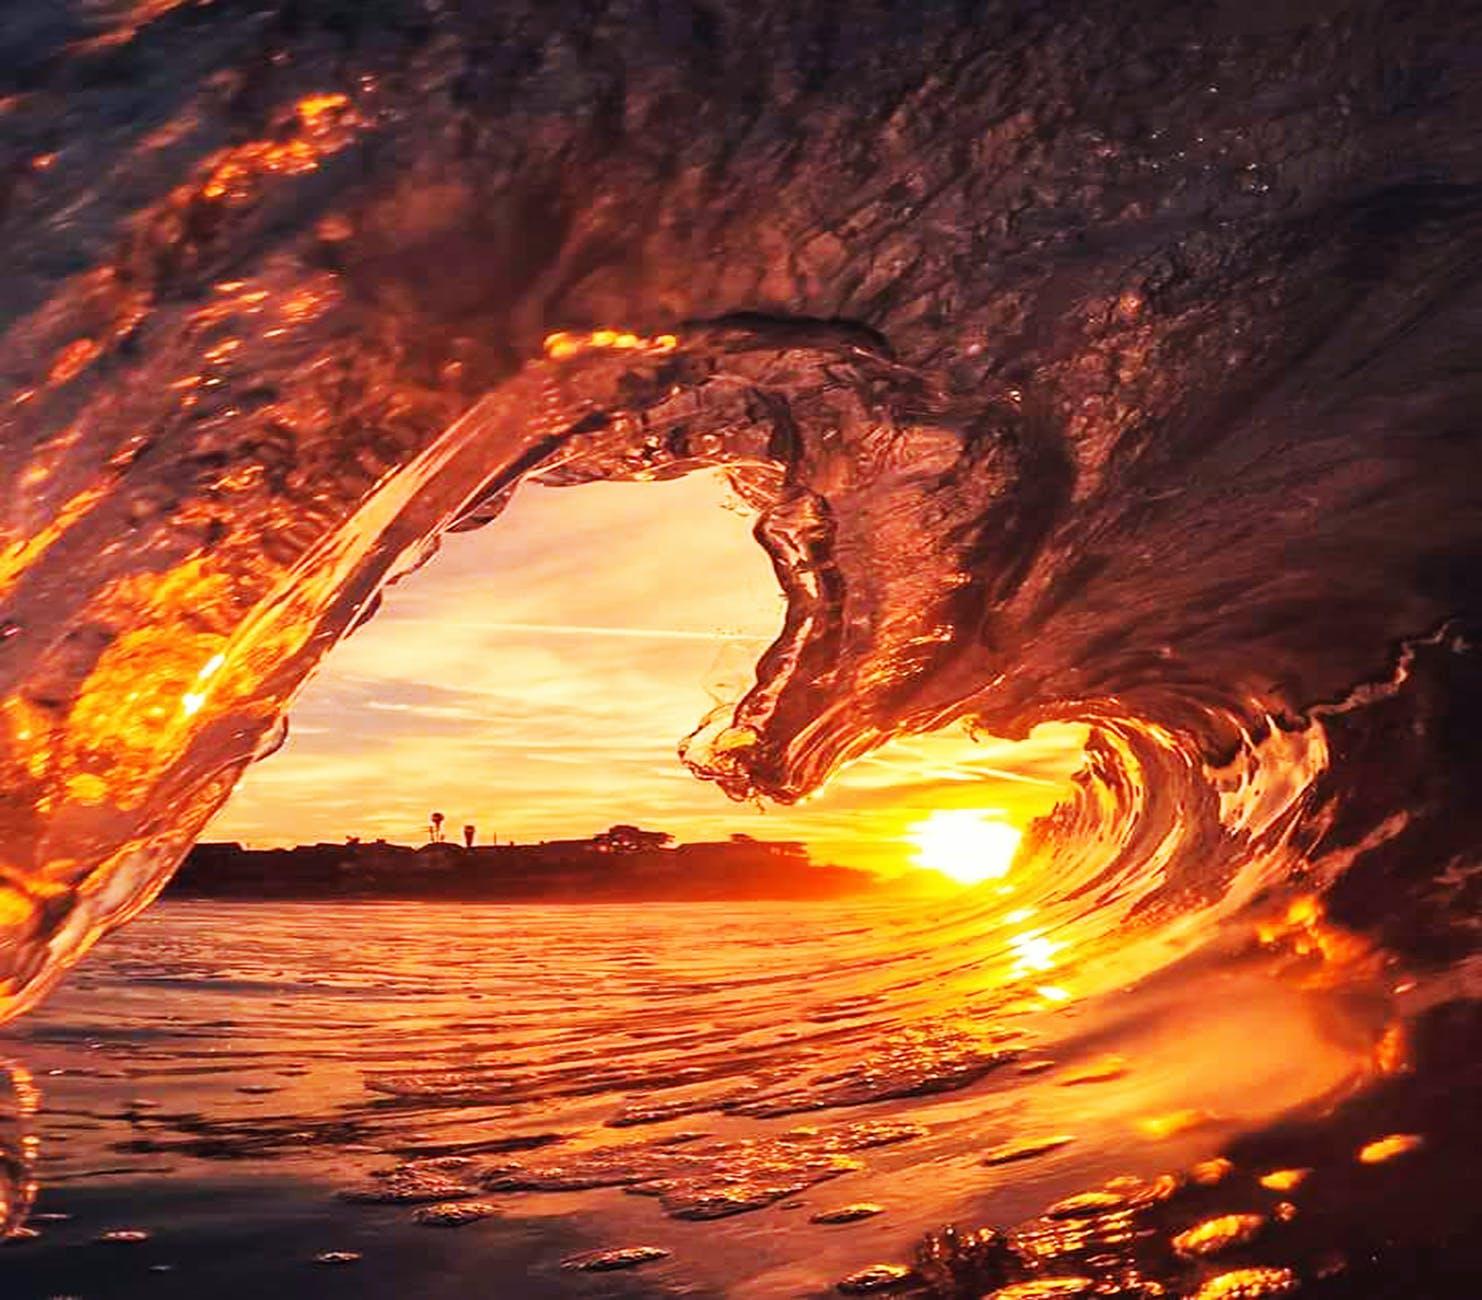 Heart shaped wave